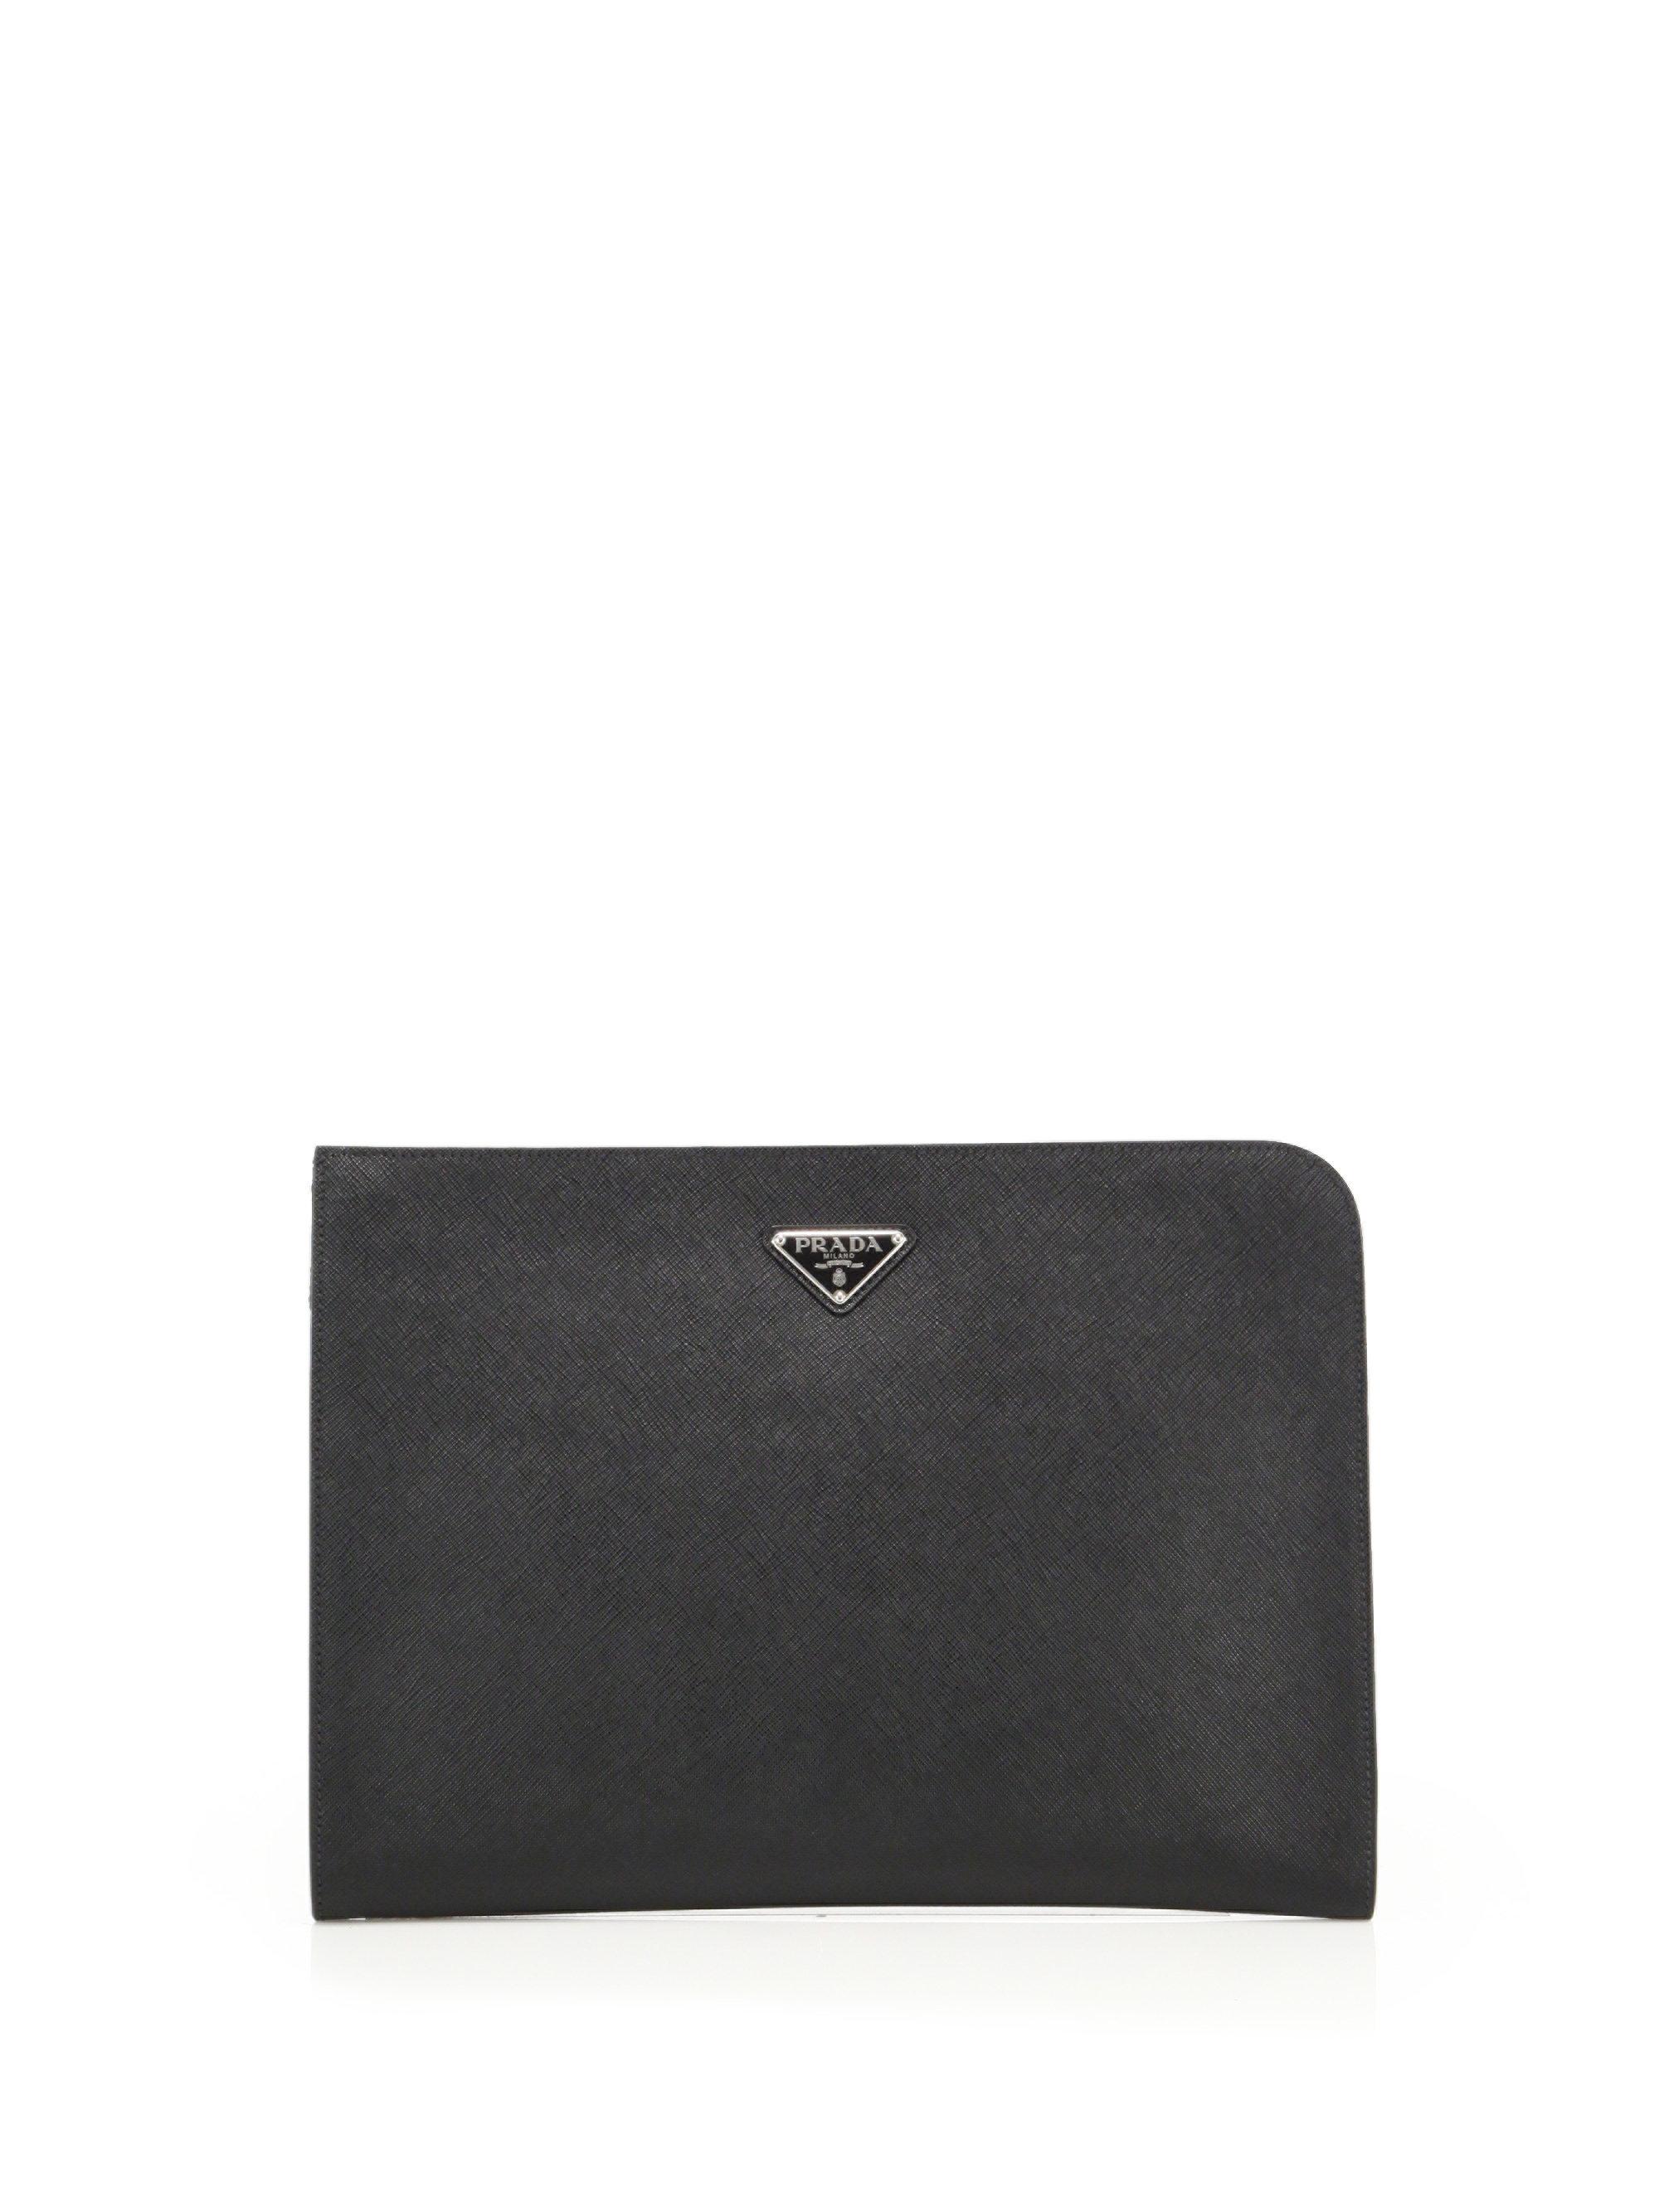 Prada leather document holder in black for men lyst for Prada mens document holder